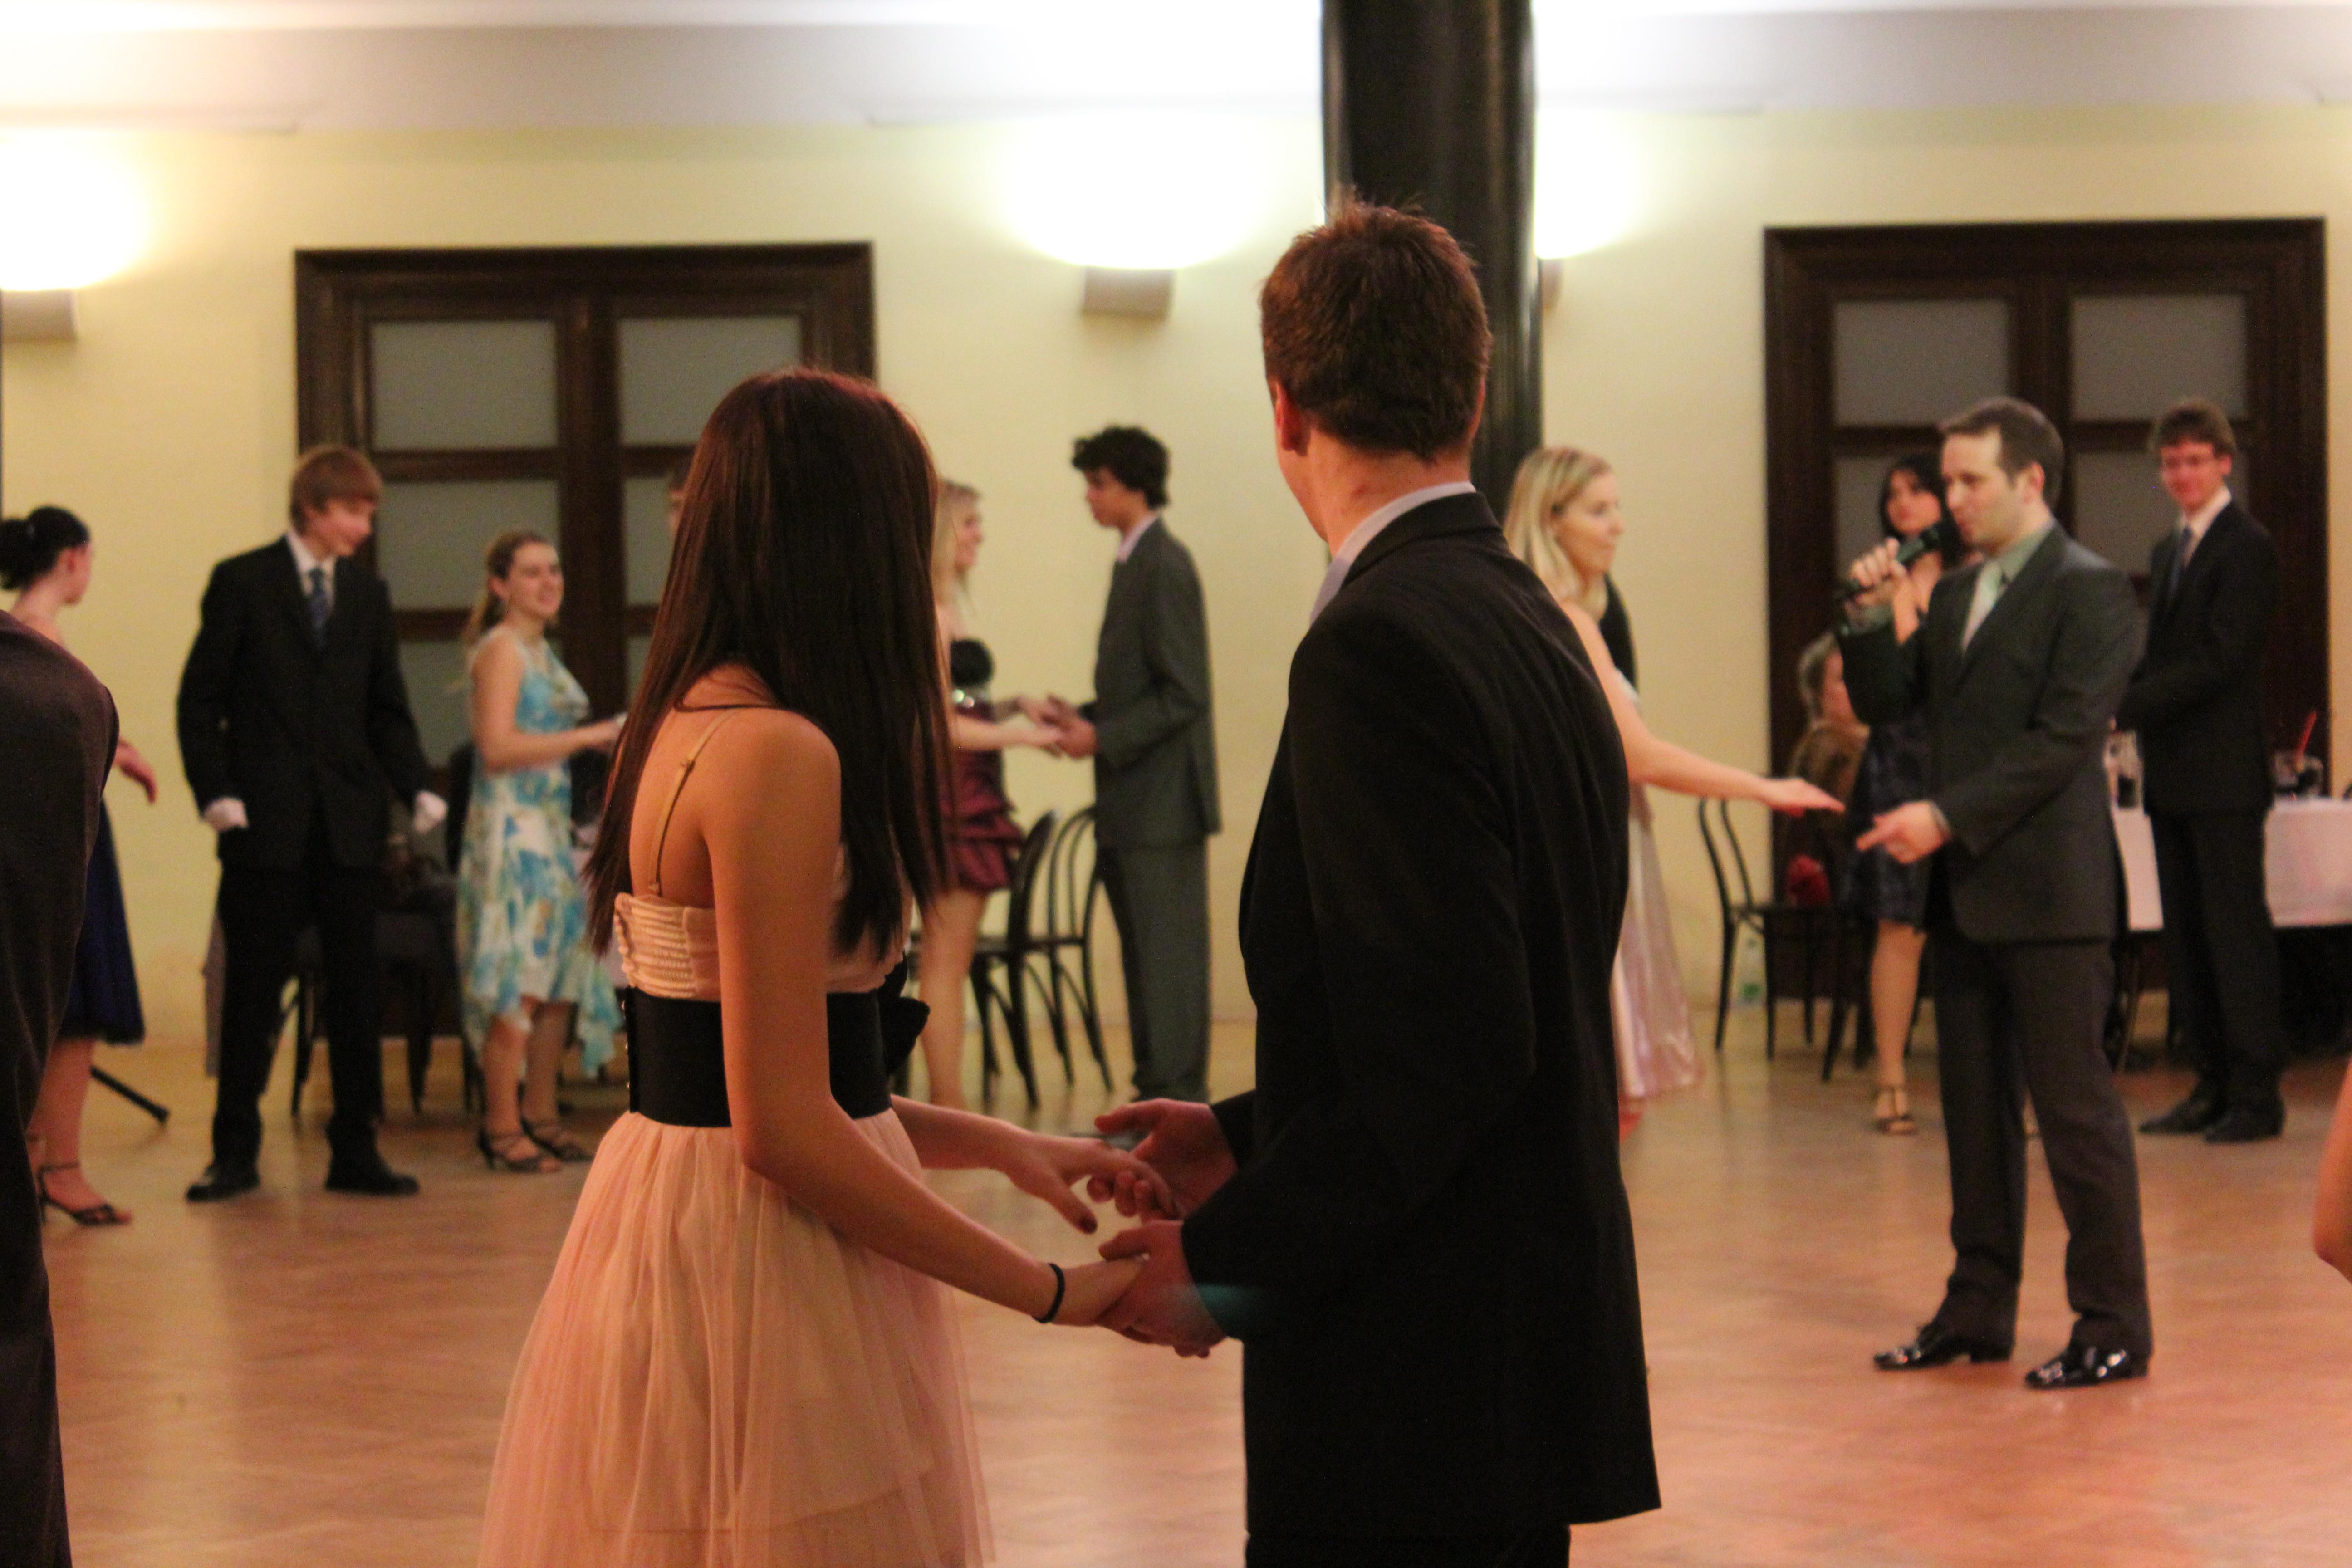 Baile de bachata - 4 4